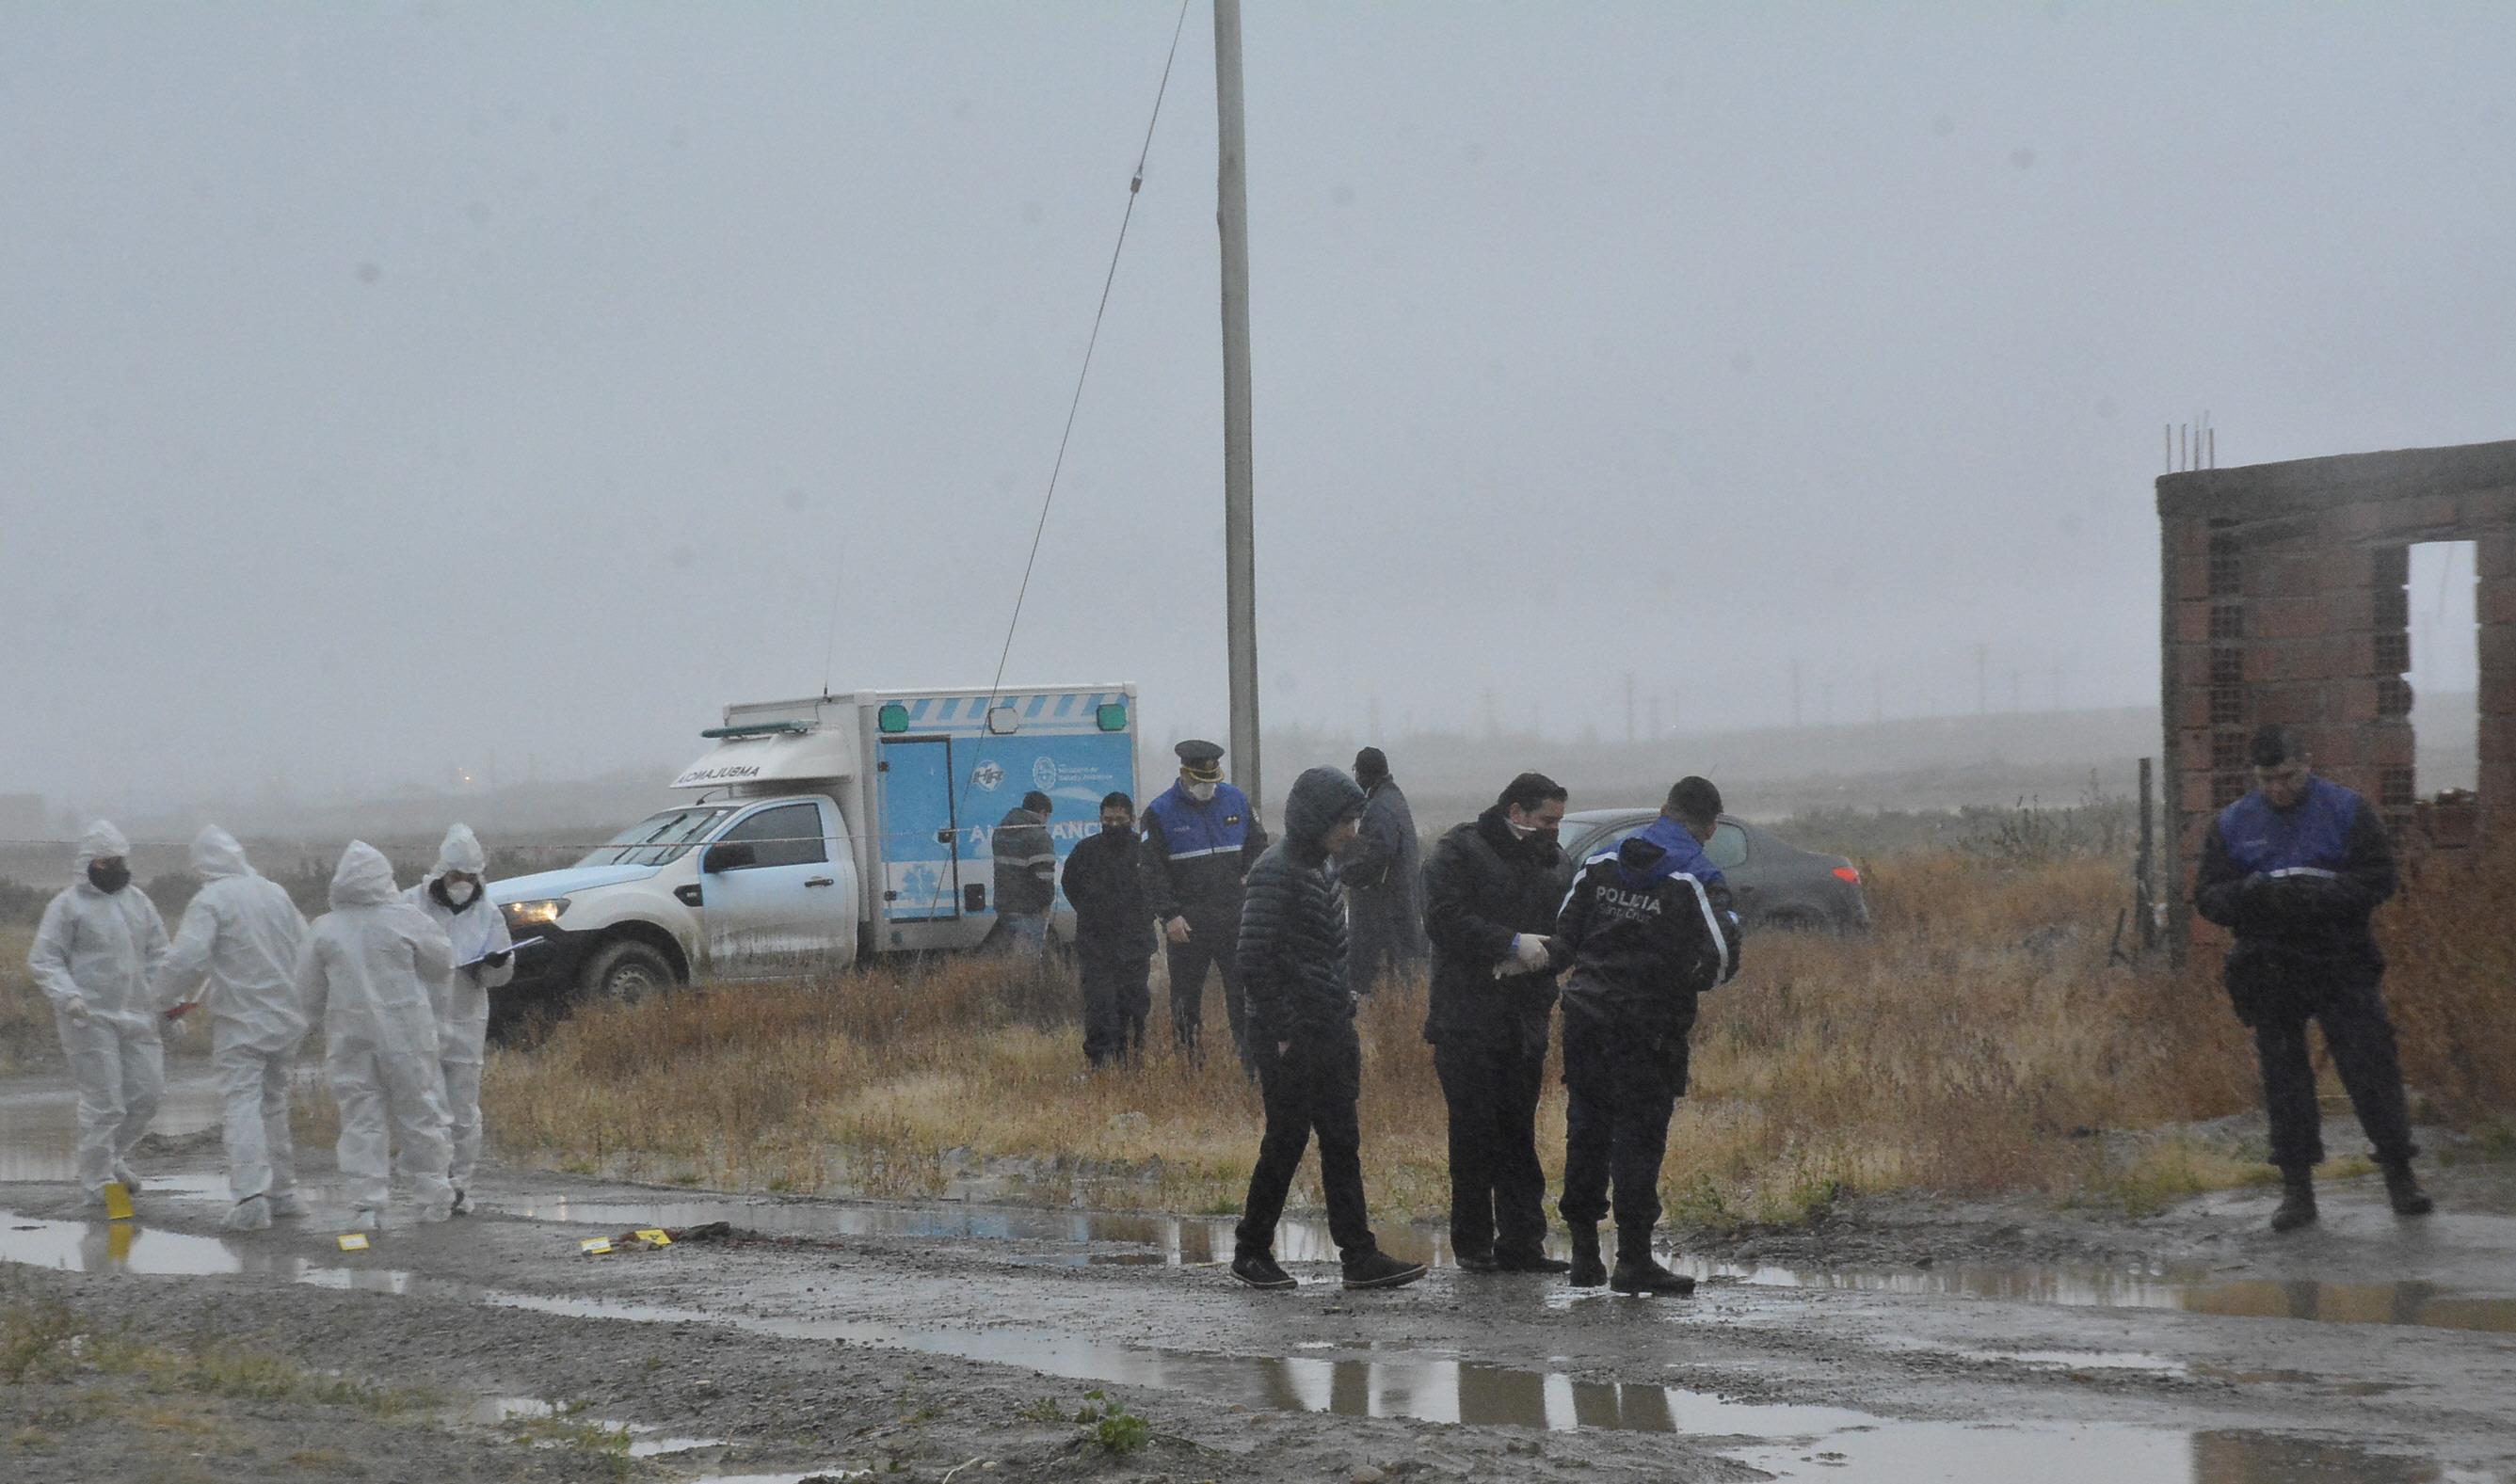 Comisaría Séptima, la División de Investigaciones y Criminalística, trabajaron en el lugar. FOTO: JOSÉ SILVA